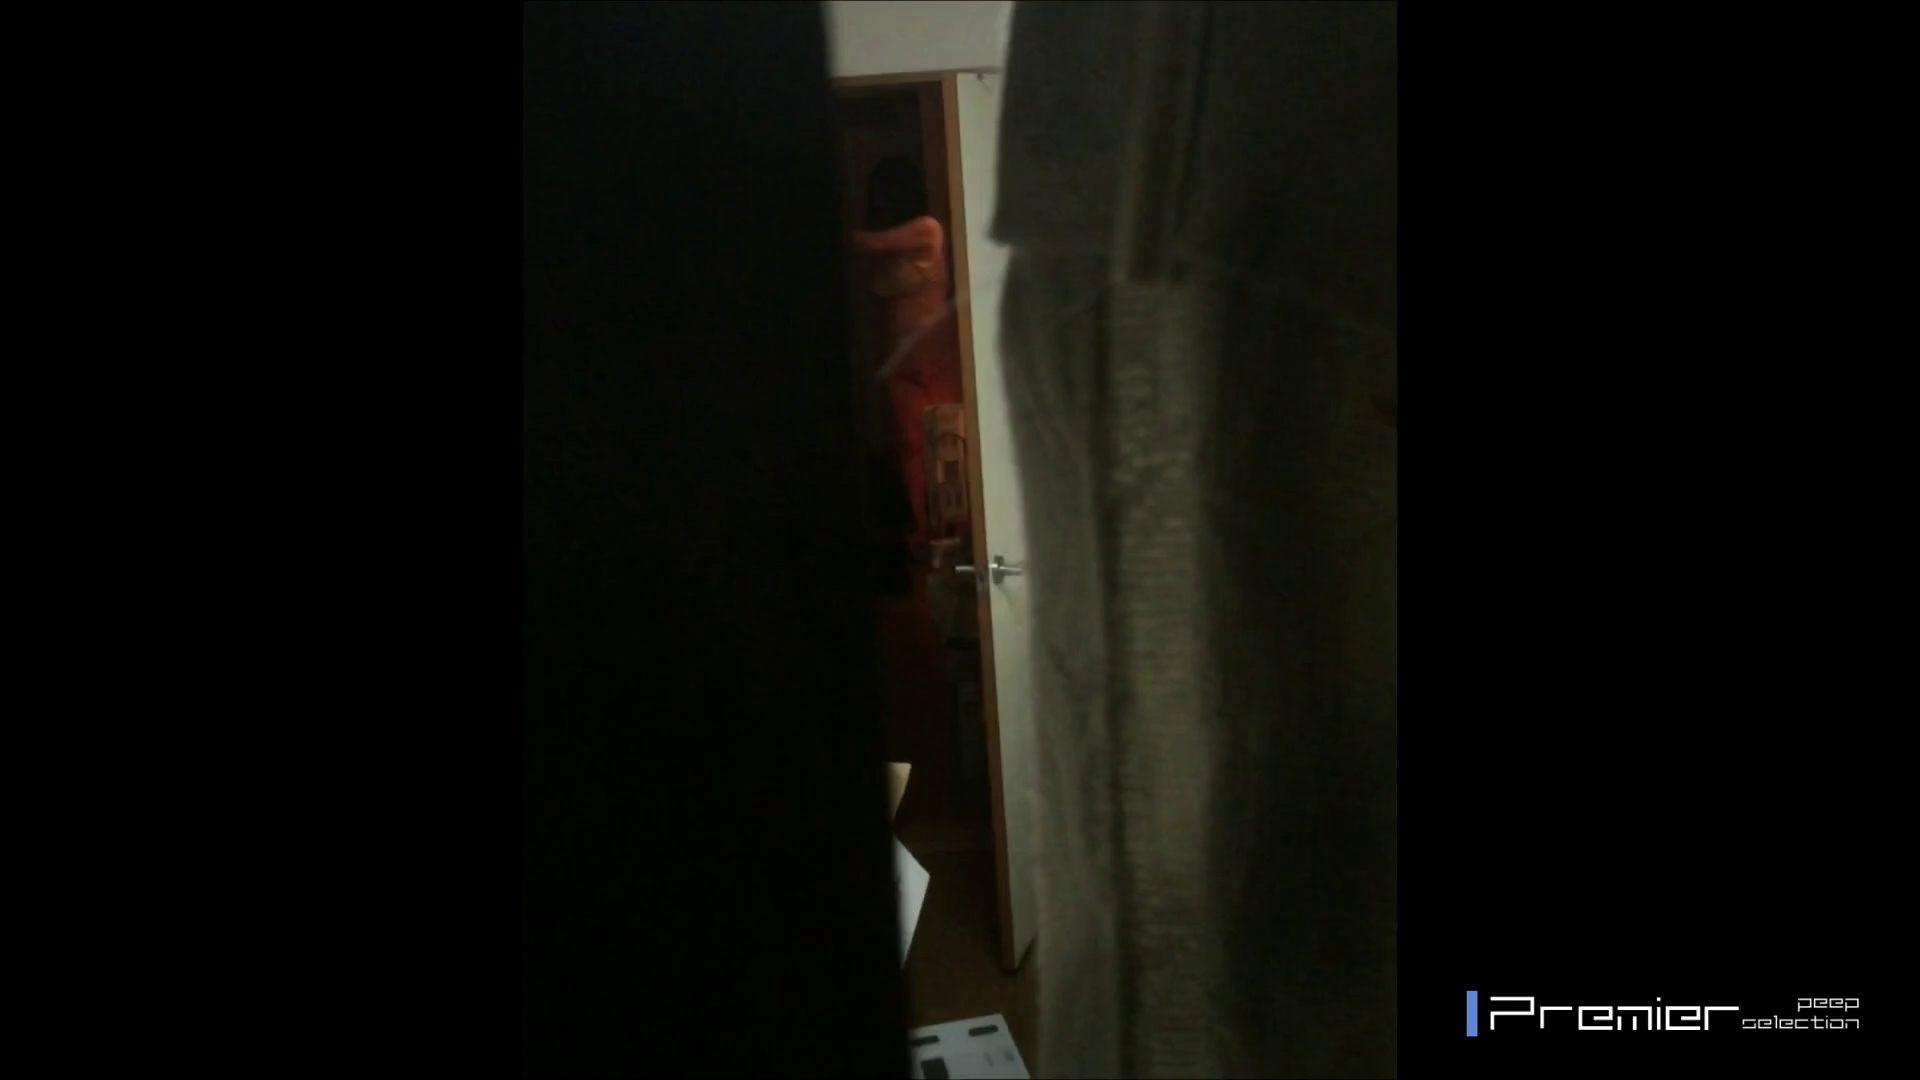 マニア必見!ポチャ達のカーニバル美女達の私生活に潜入! 高画質 盗み撮り動画 112pic 100